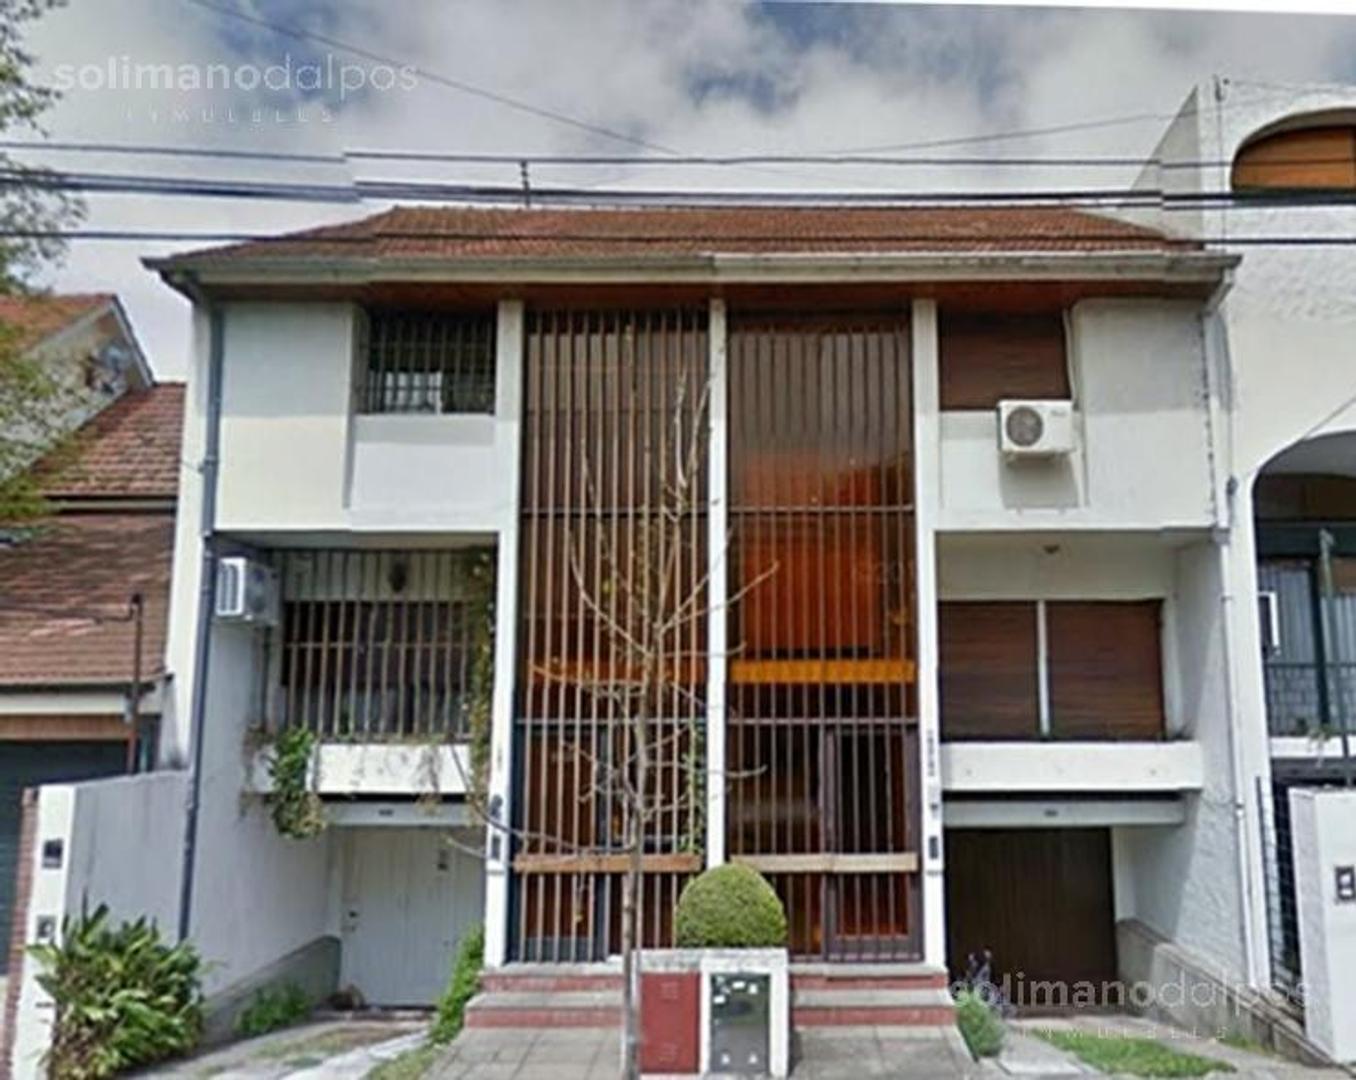 Casa en Venta en Olivos Vias/Maipu - 4 ambientes